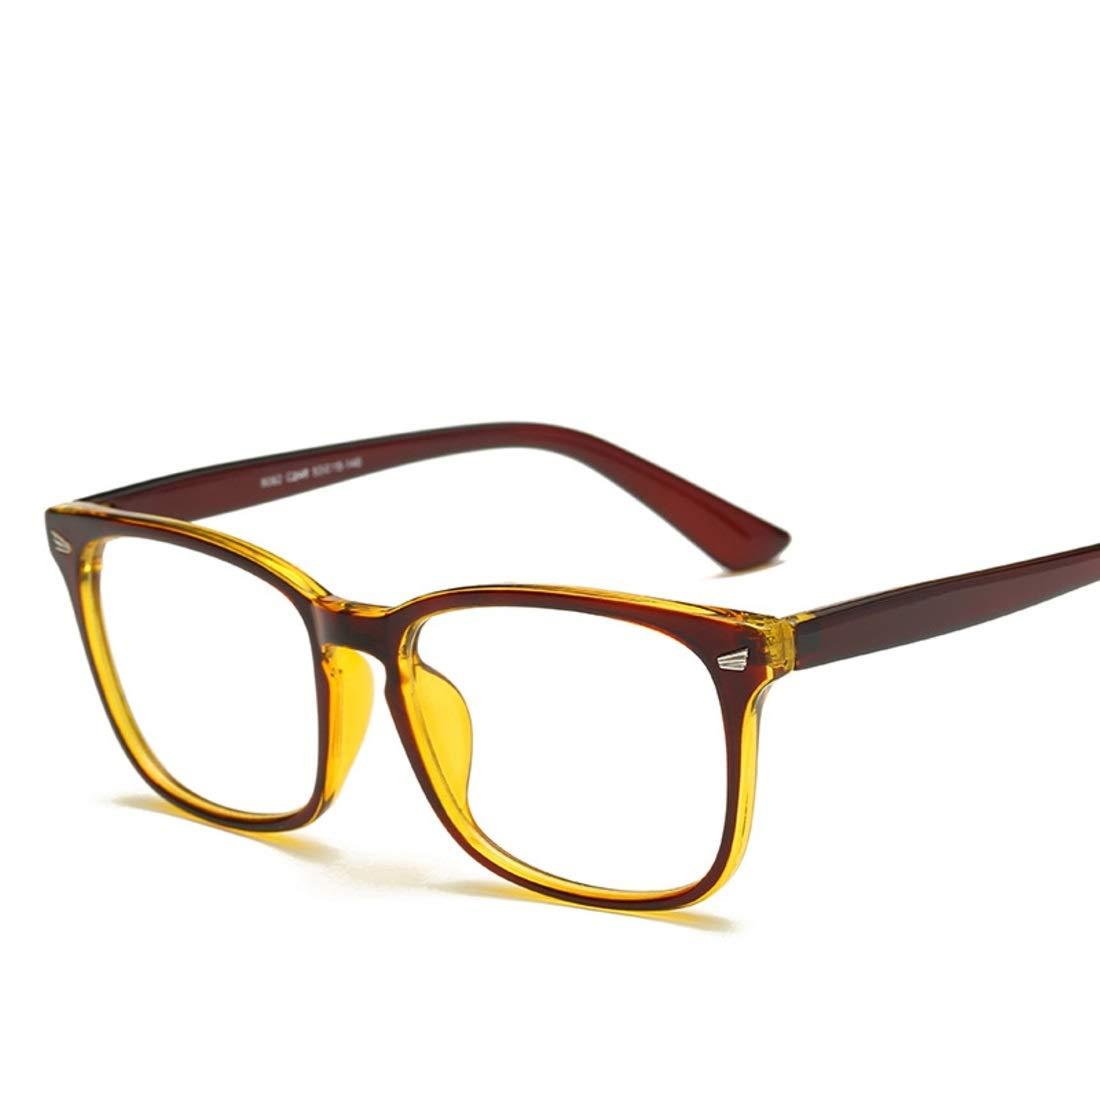 Gafas cuadradas con exterior dorado. Montura y patillas de color marrón.